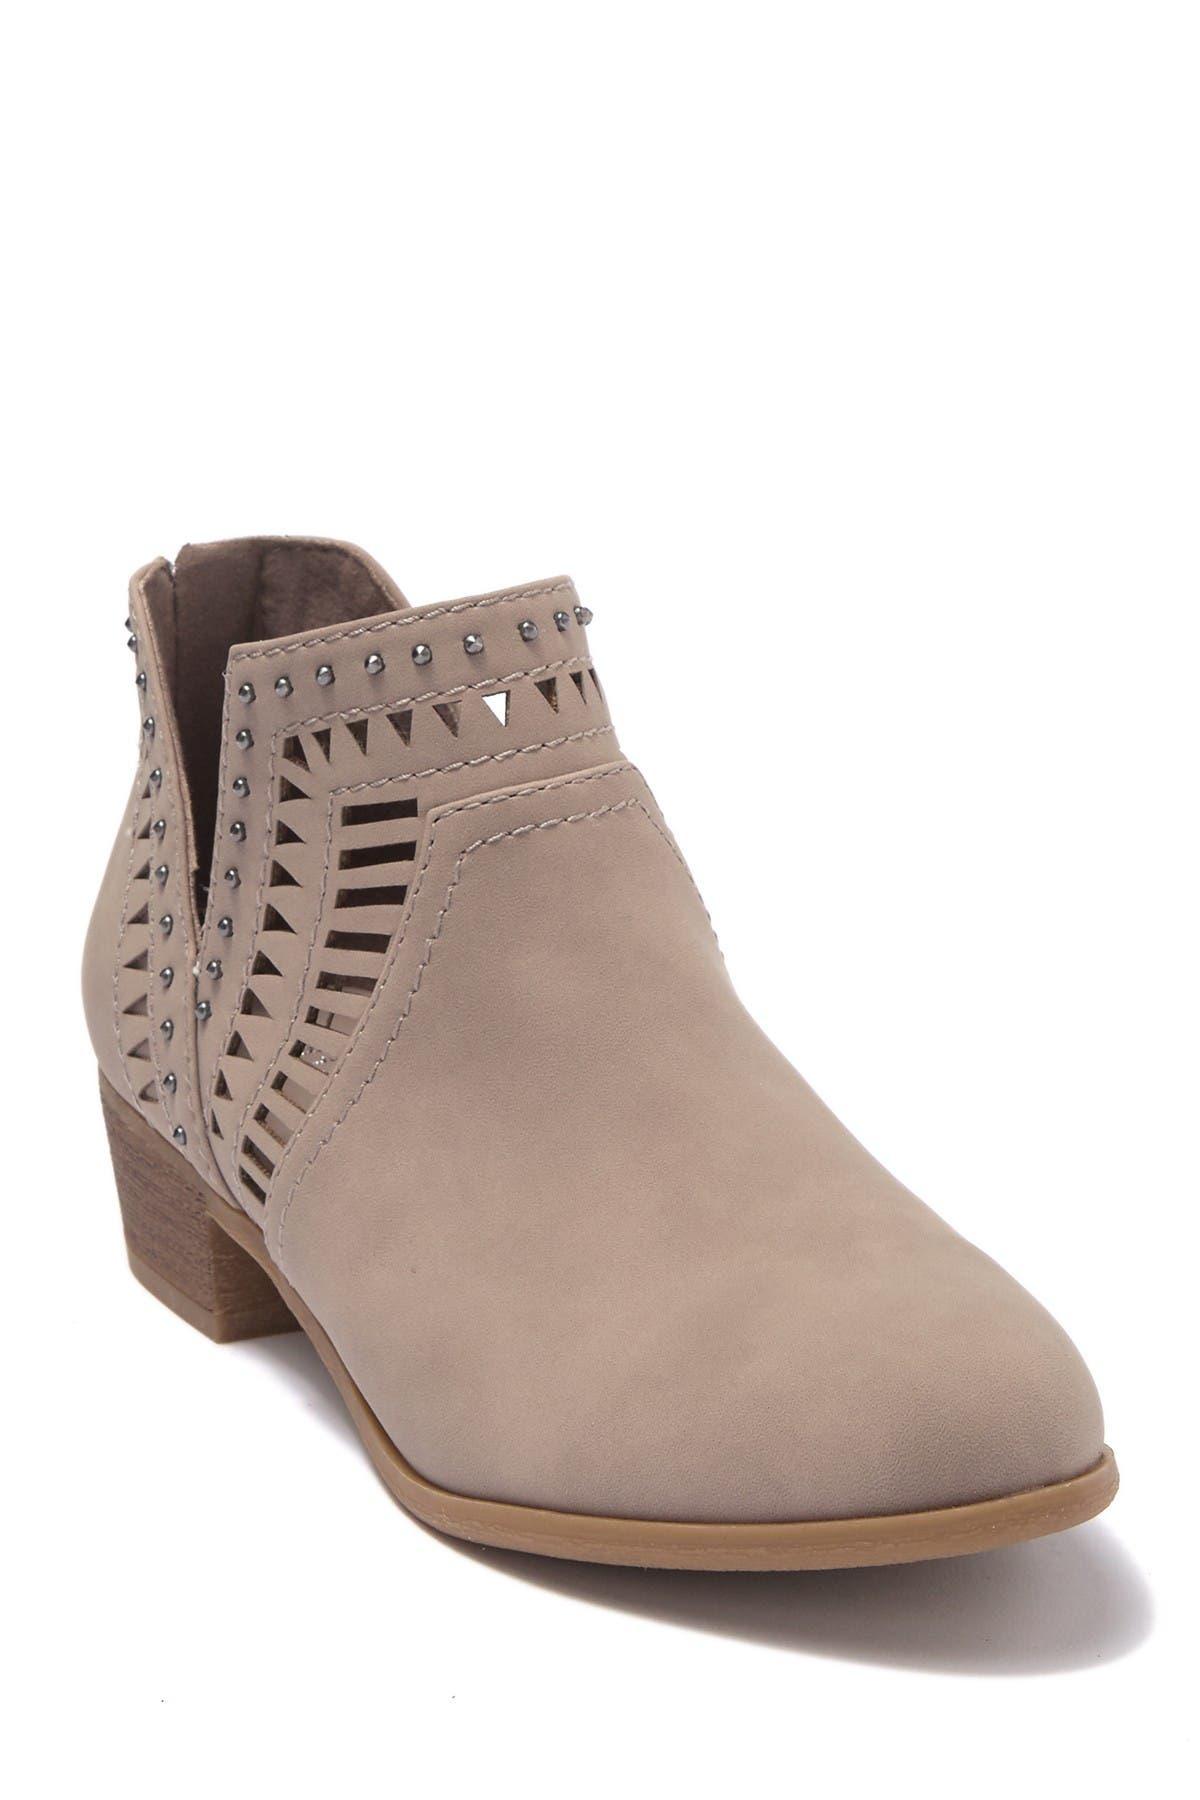 Image of Indigo Rd Calvine Cutout Boot